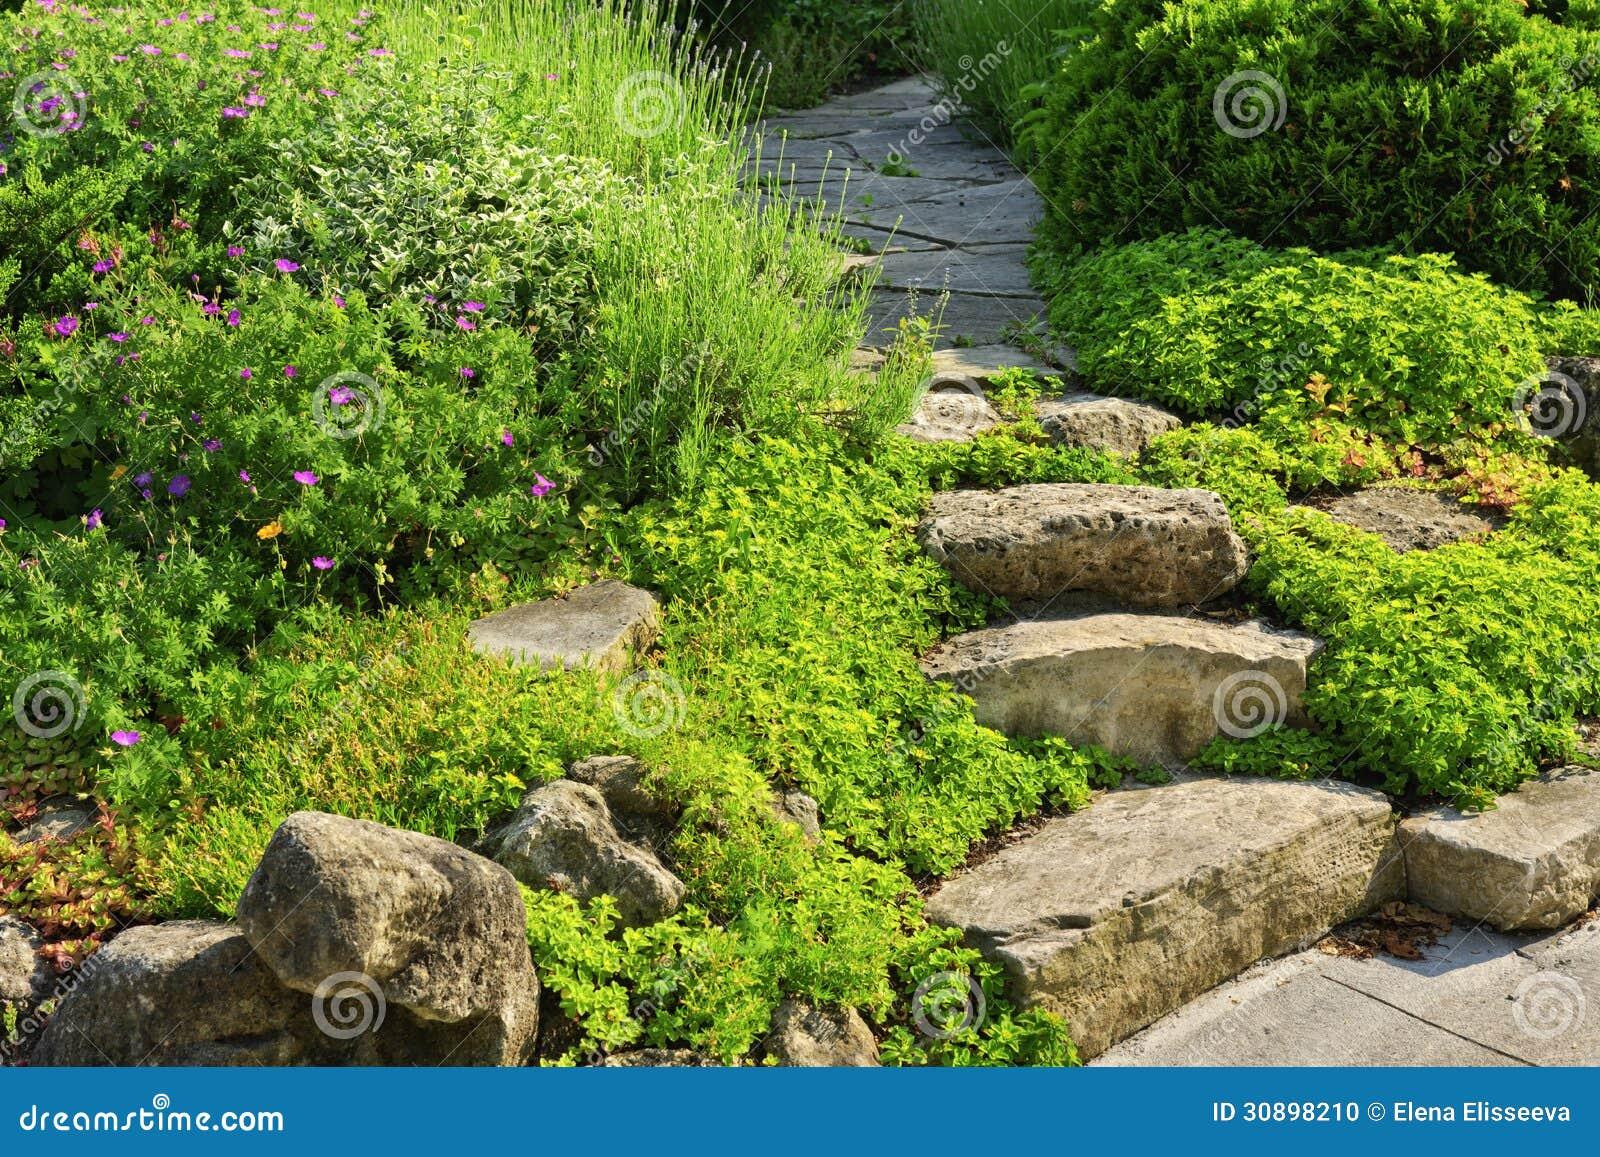 Chemin de jardin avec l 39 am nagement en pierre photo stock - Amenagement de jardin avec des pierres ...